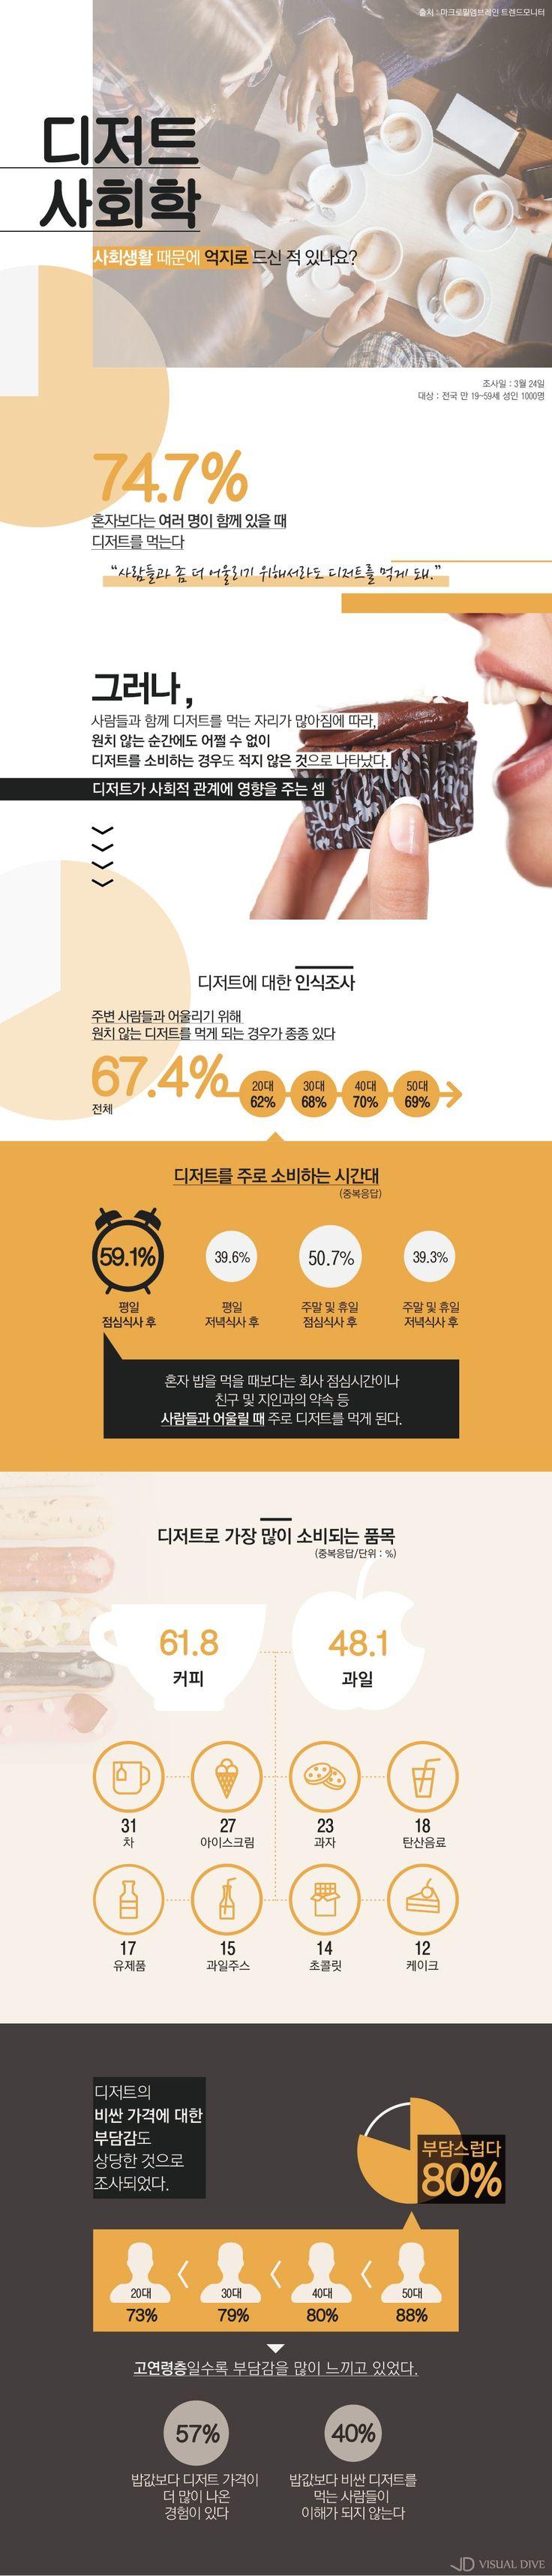 """성인 75% """"사회생활 때문에 억지로 디저트 먹었다"""" [인포그래픽] #dessert / #Infographic ⓒ 비주얼다이브 무단 복사·전재·재배포 금지"""